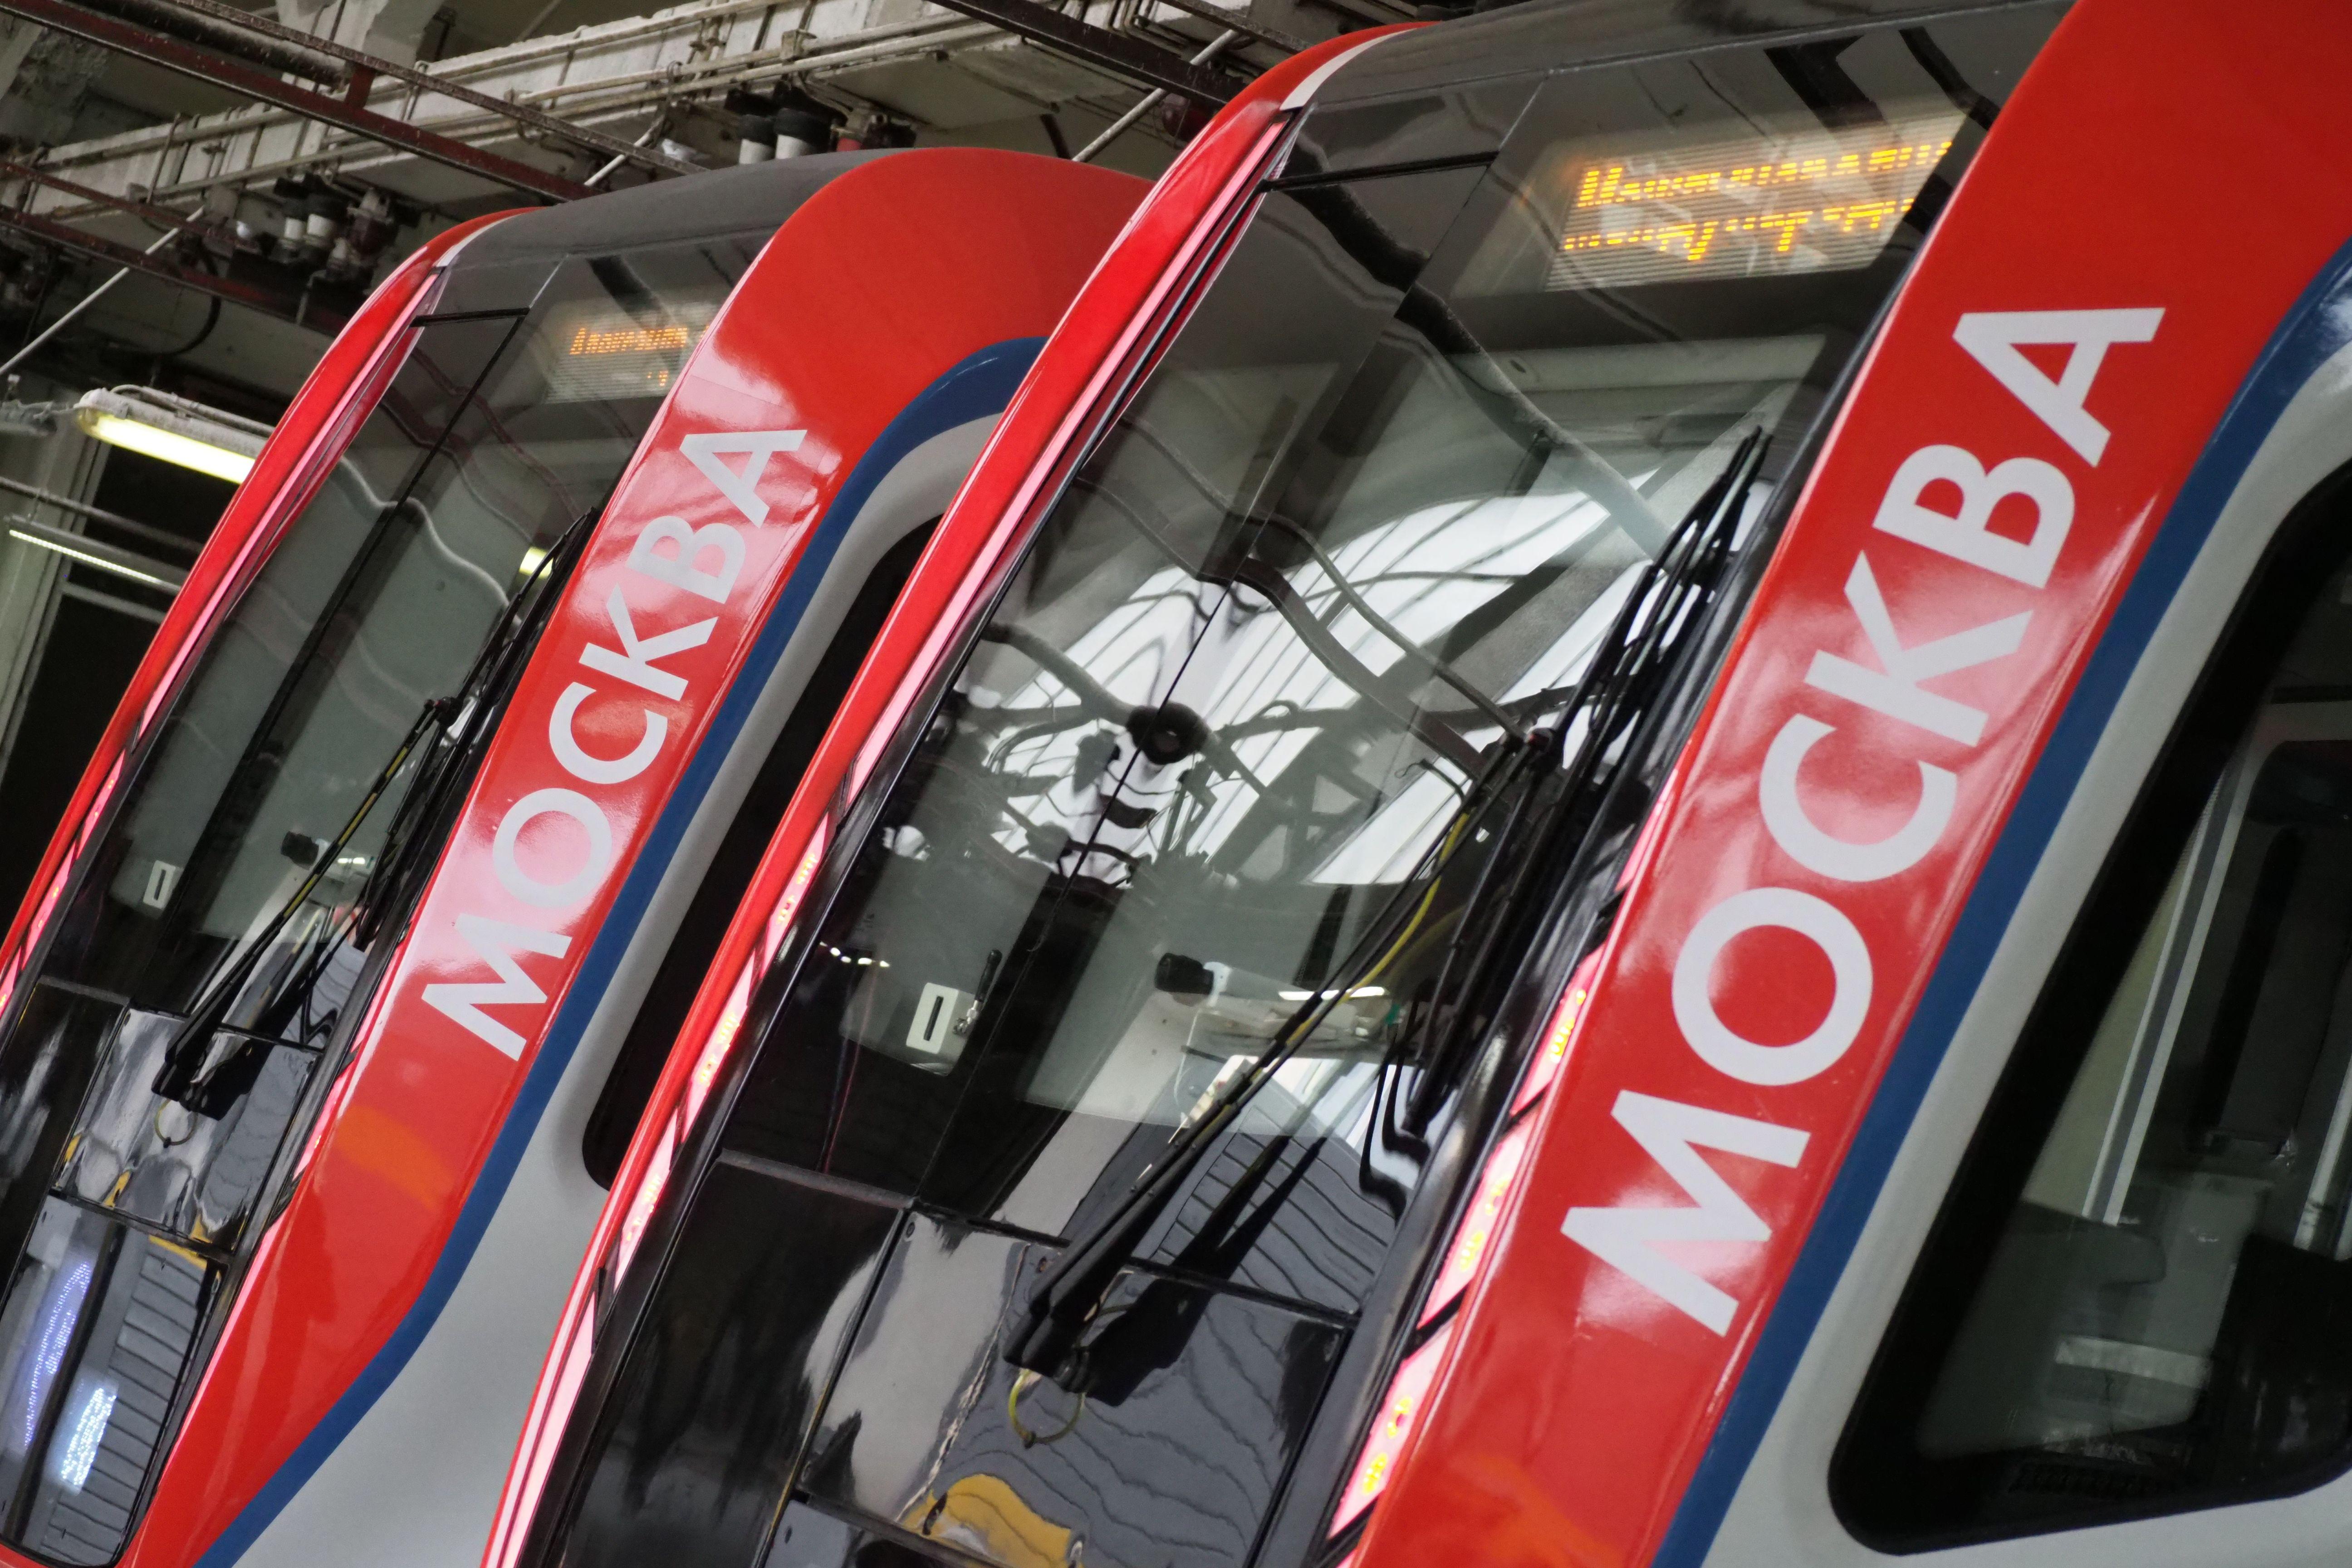 Еще три поезда «Москва-2019» запустили на красной линии метро